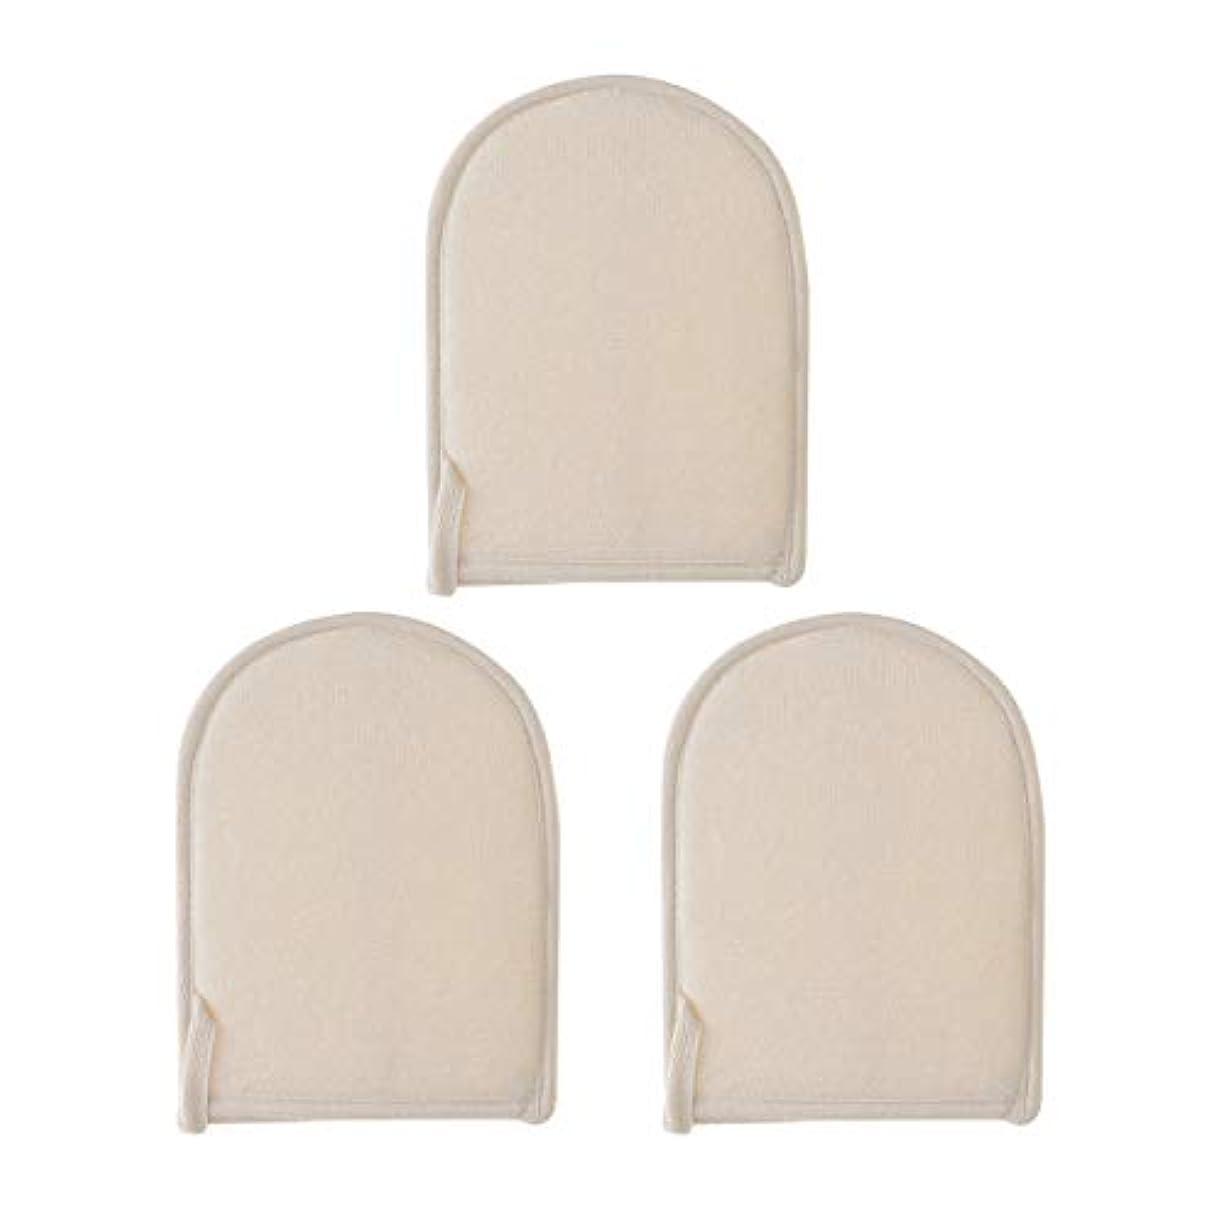 マンハッタン解釈的シネマHealifty シャワー用手袋Loofah手袋お風呂角質除去スクラバー3本